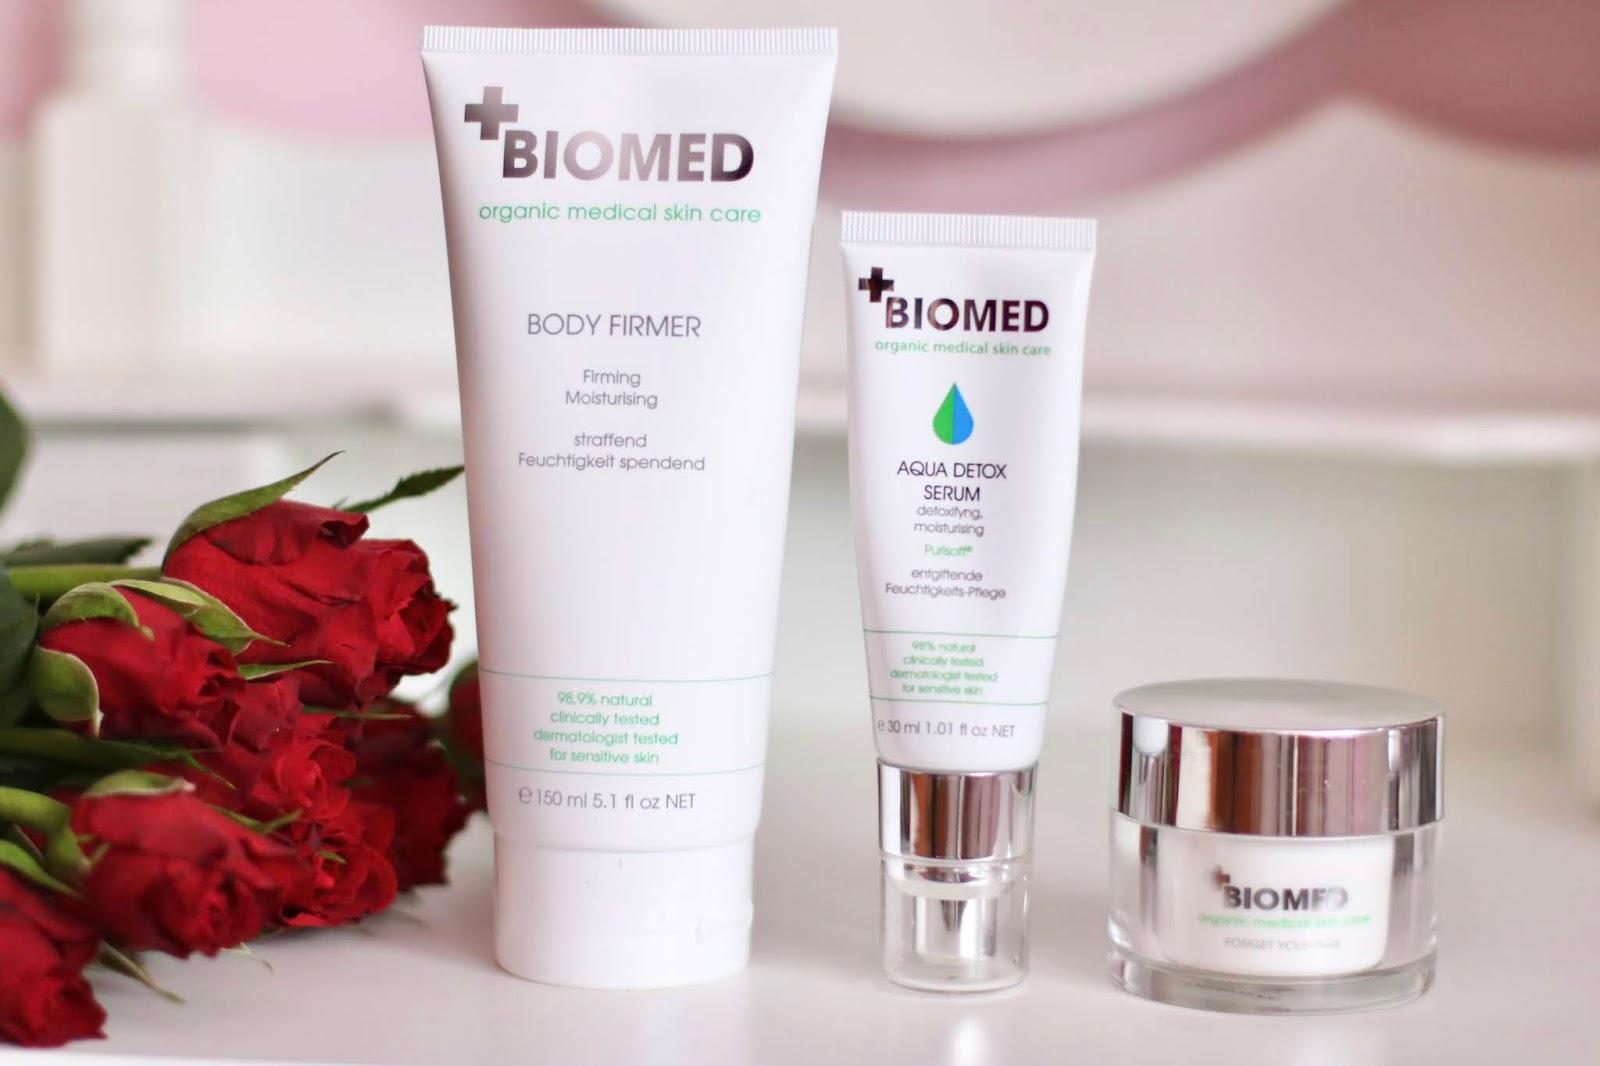 Biomed Organic Medical Skin Care Review - Krem przeciwzmarszczkowy, serum i balsam do ciała